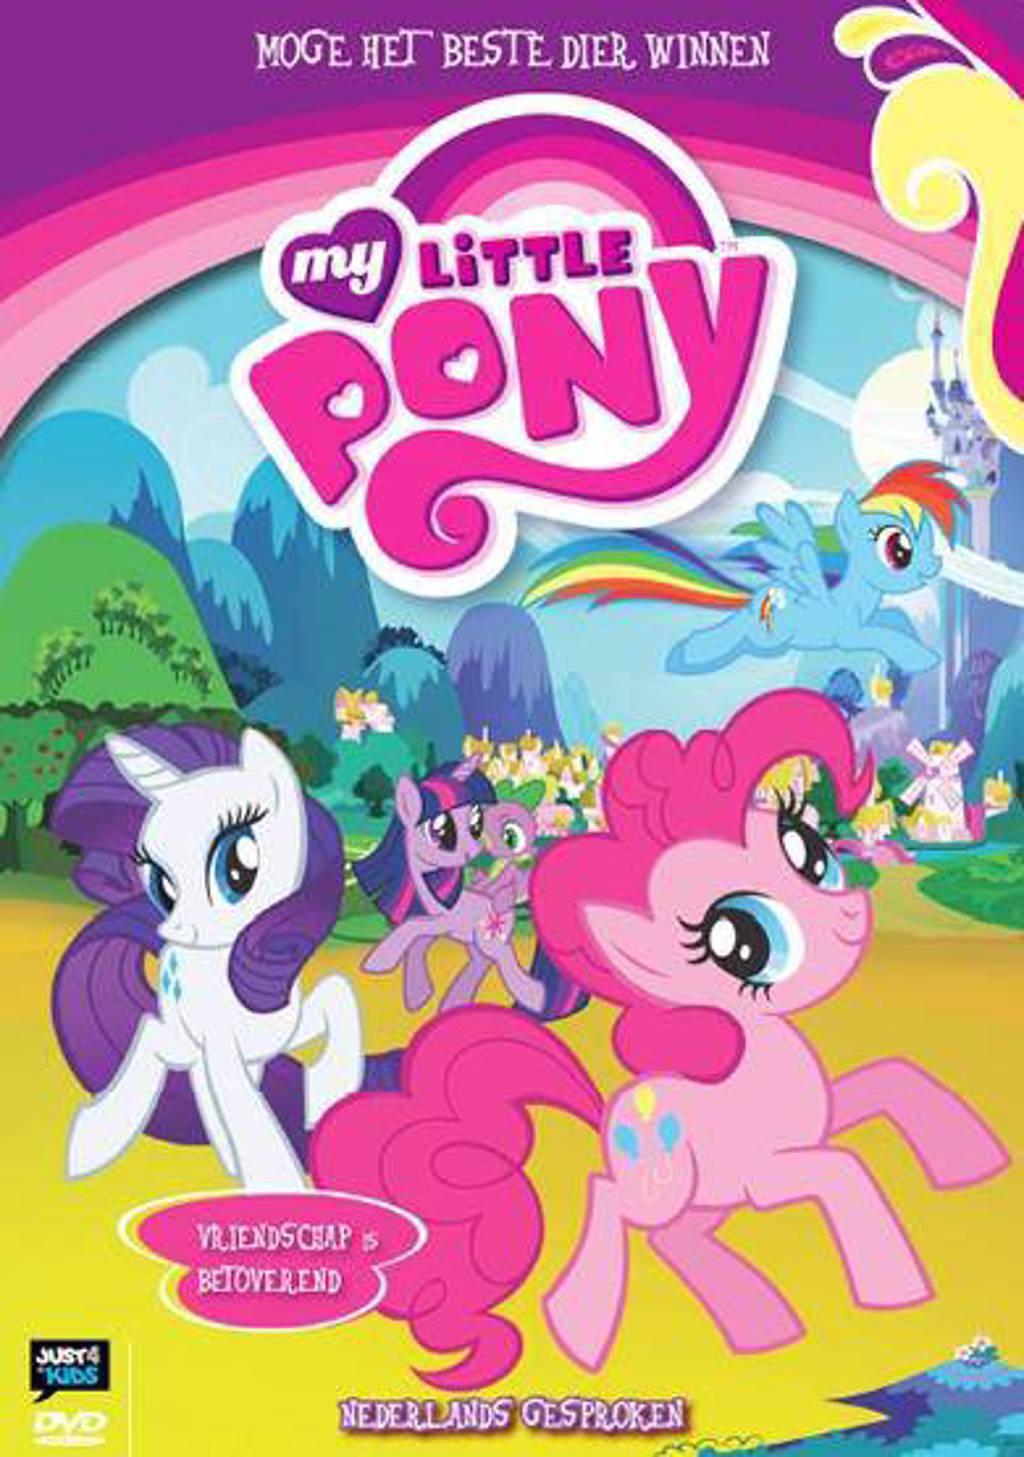 My little pony - Moge het beste dier winnen (DVD)